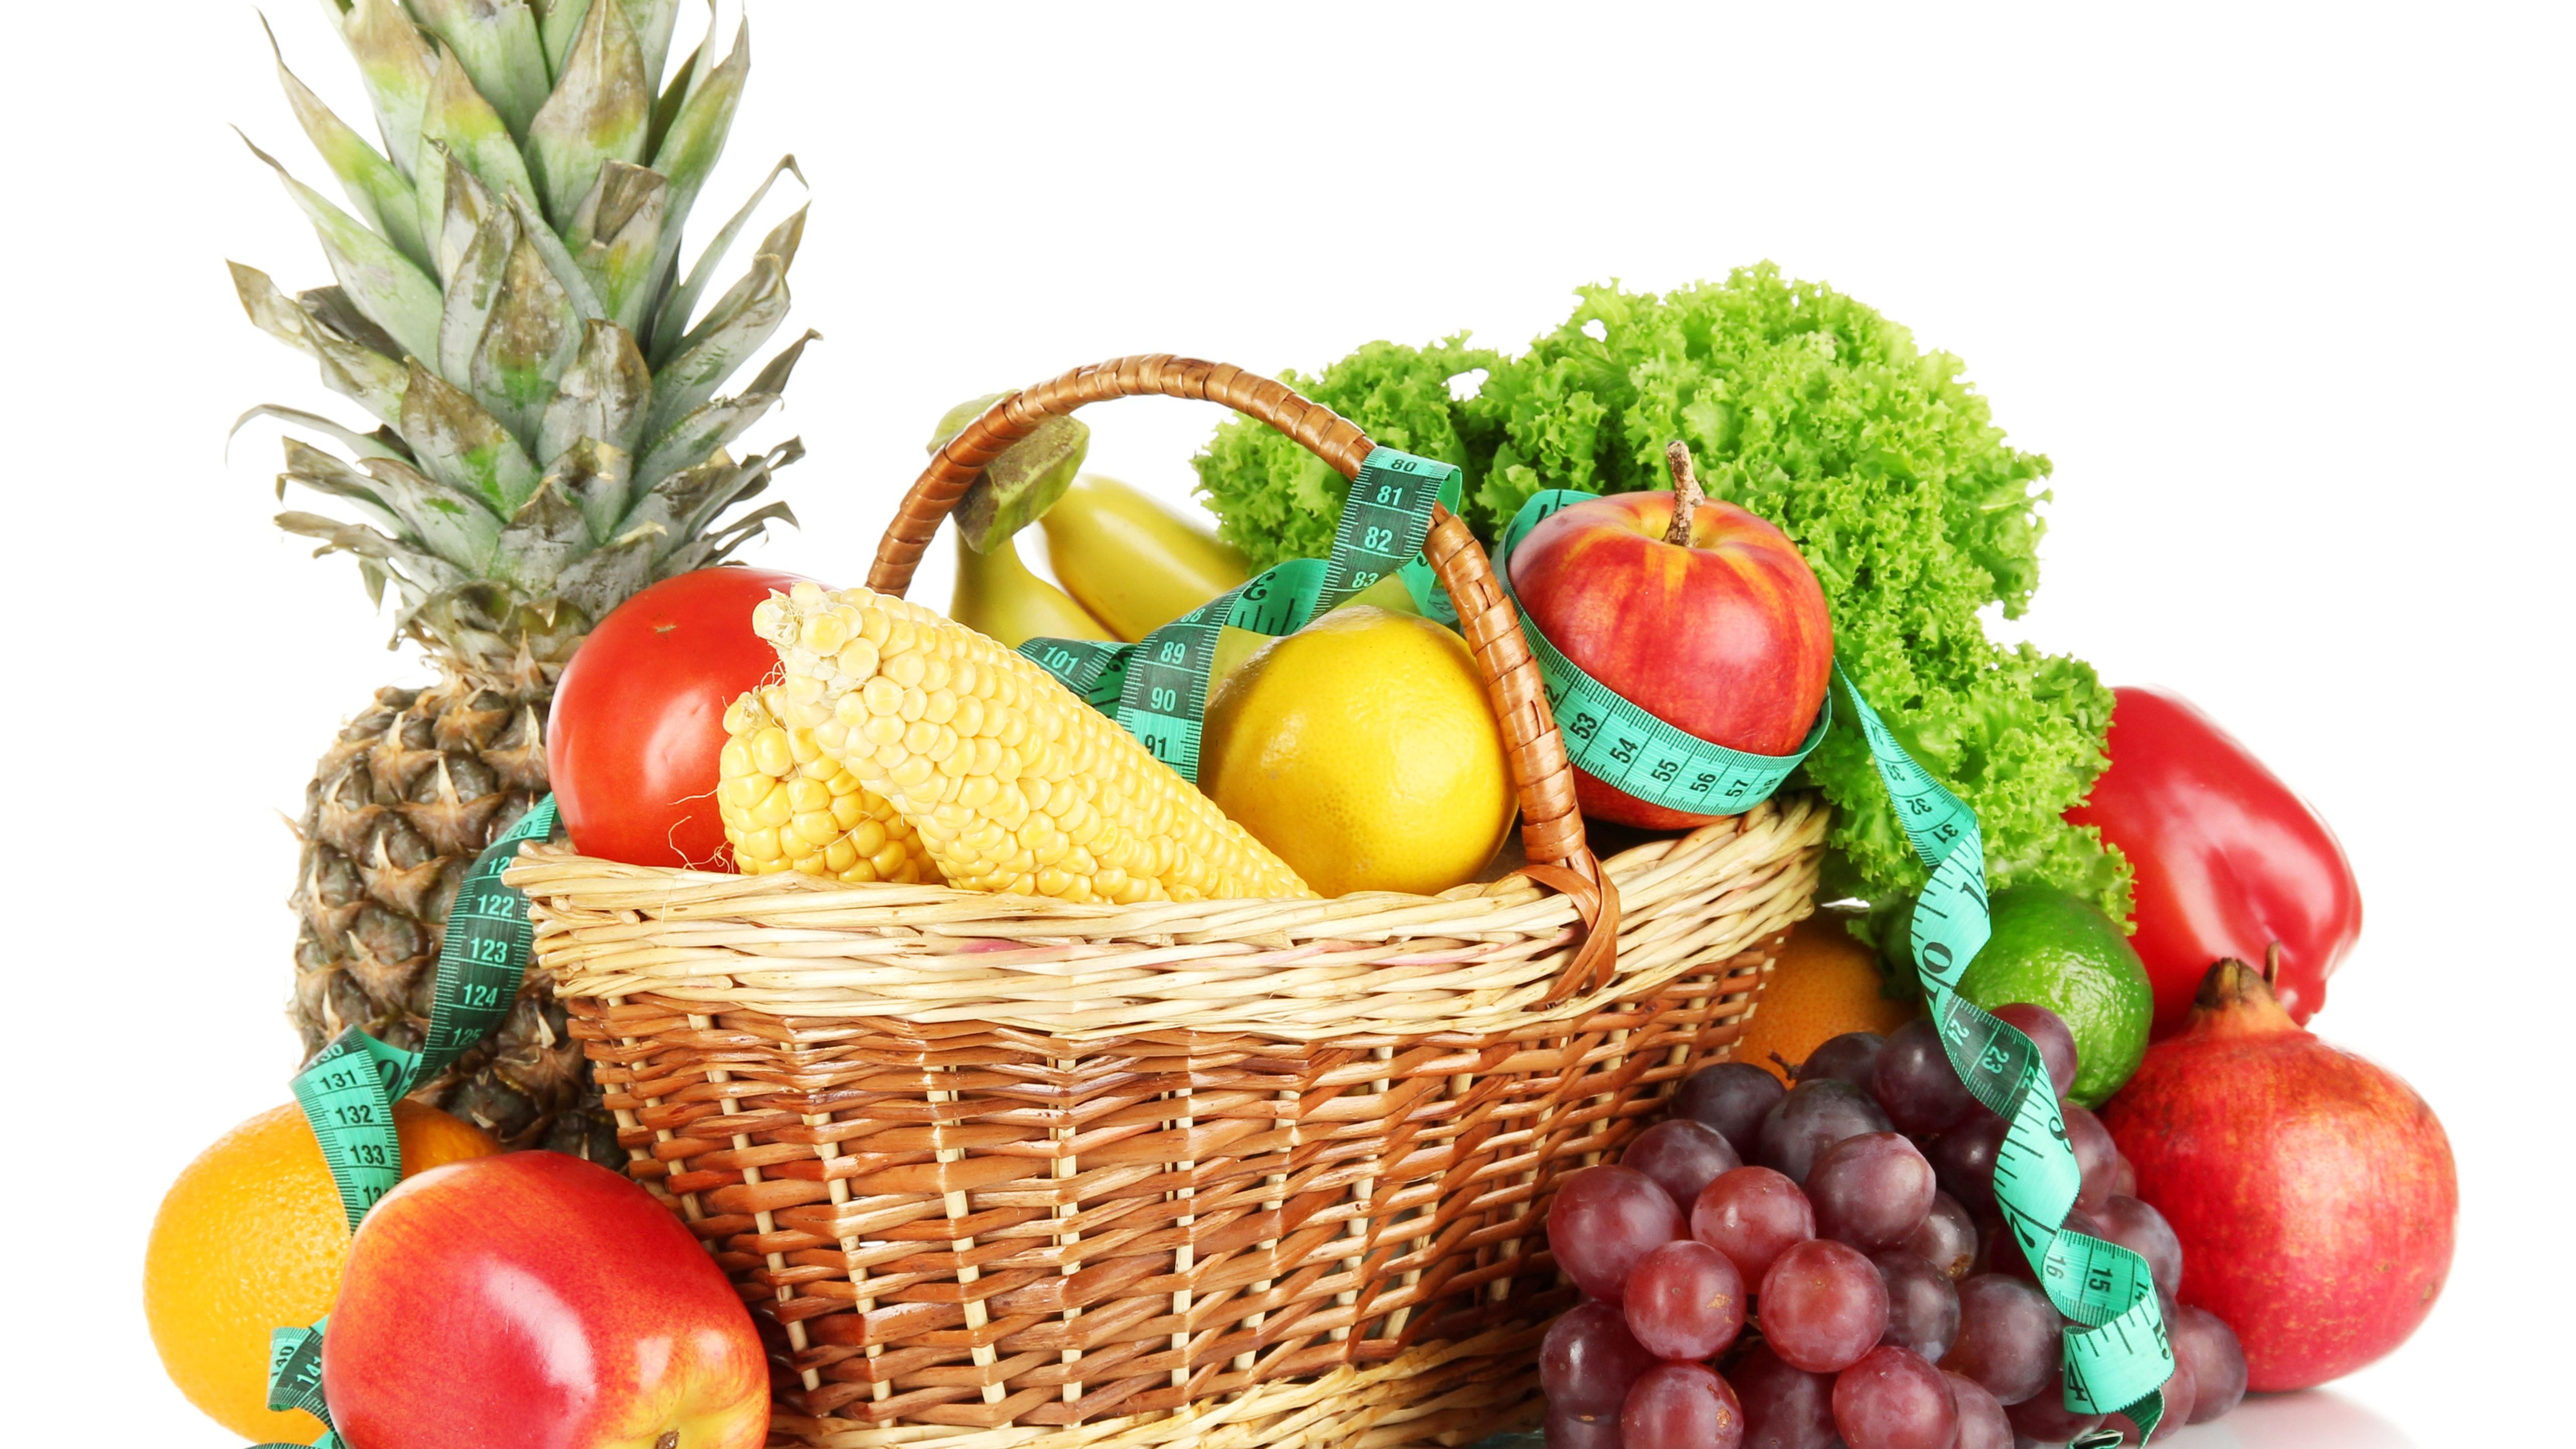 Wallpaper Fruit And Vegetables, Corn, Apples, Lemon